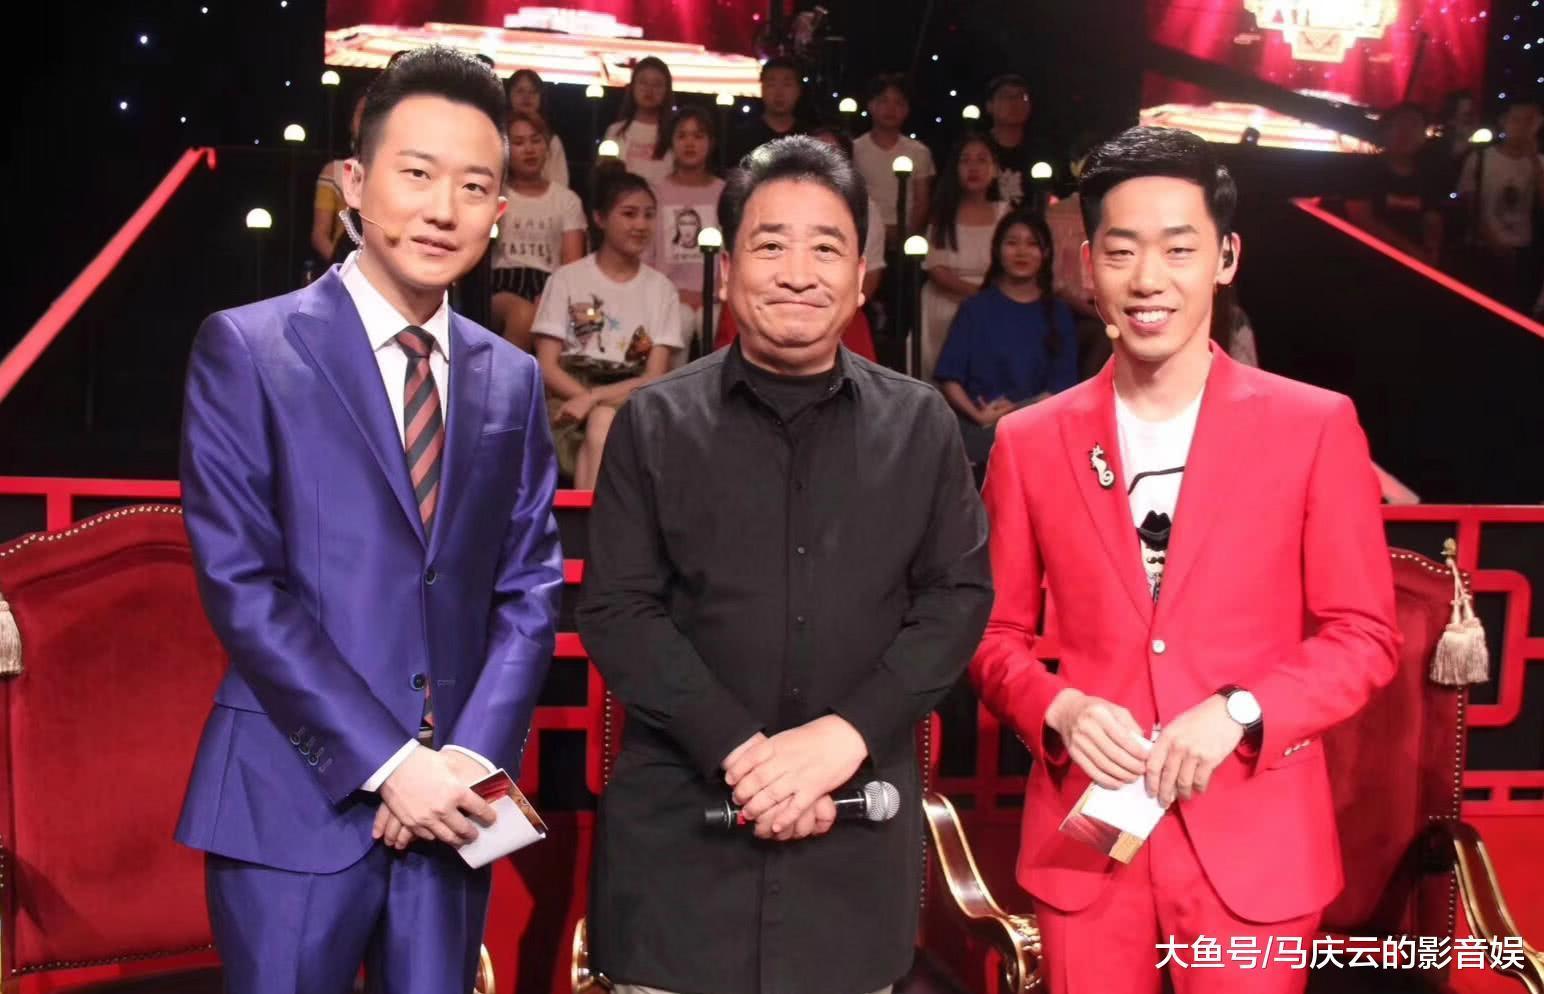 姜昆新节目惊现郭德纲, 《笑礼相迎》收视率破0.1网播依旧尴尬